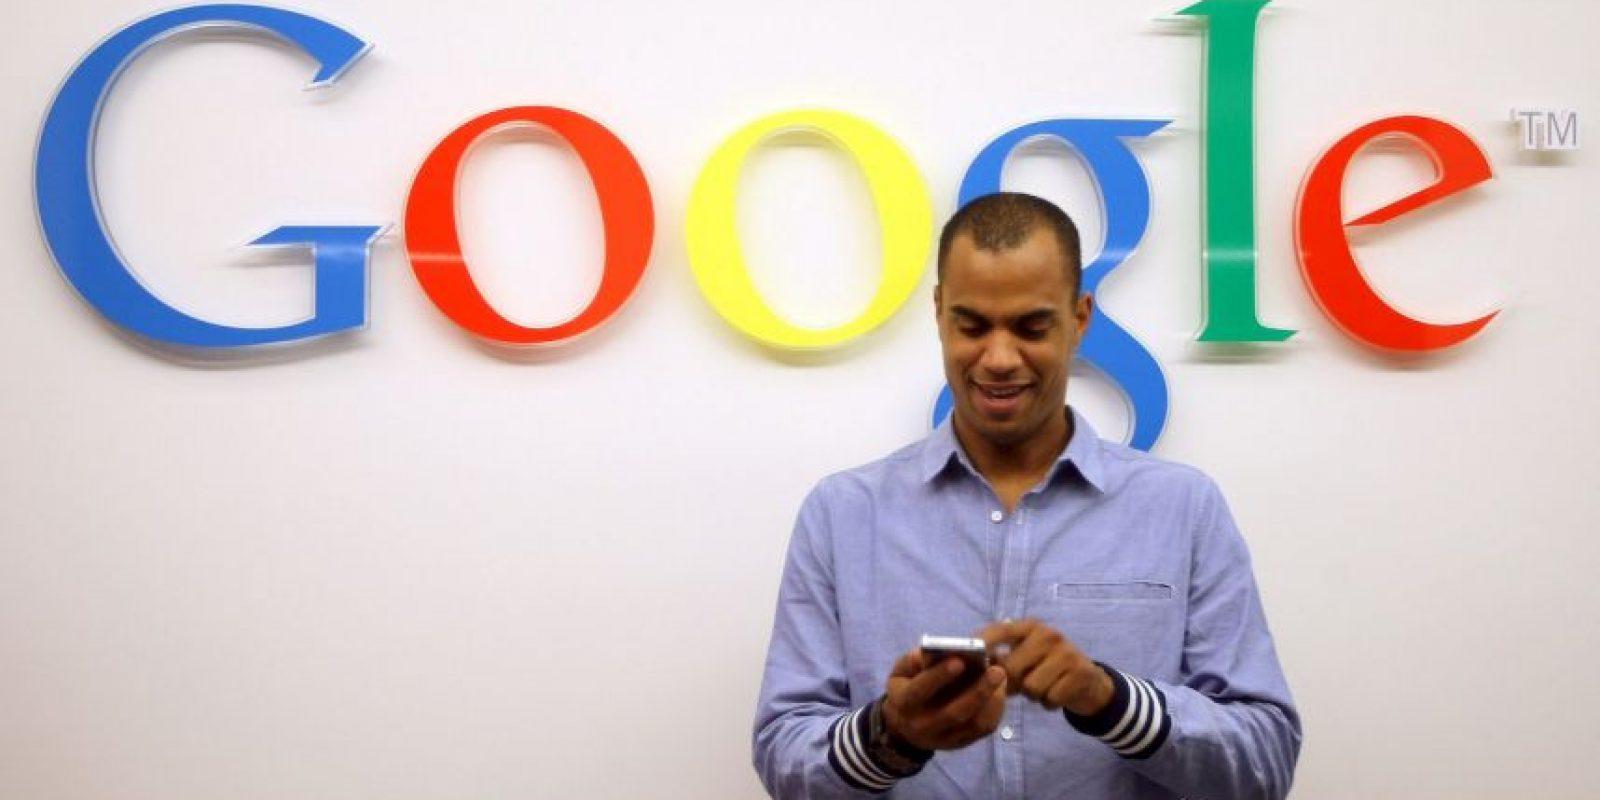 Sin embargo, el buscador seguirá llamándose Google Foto:Getty Images